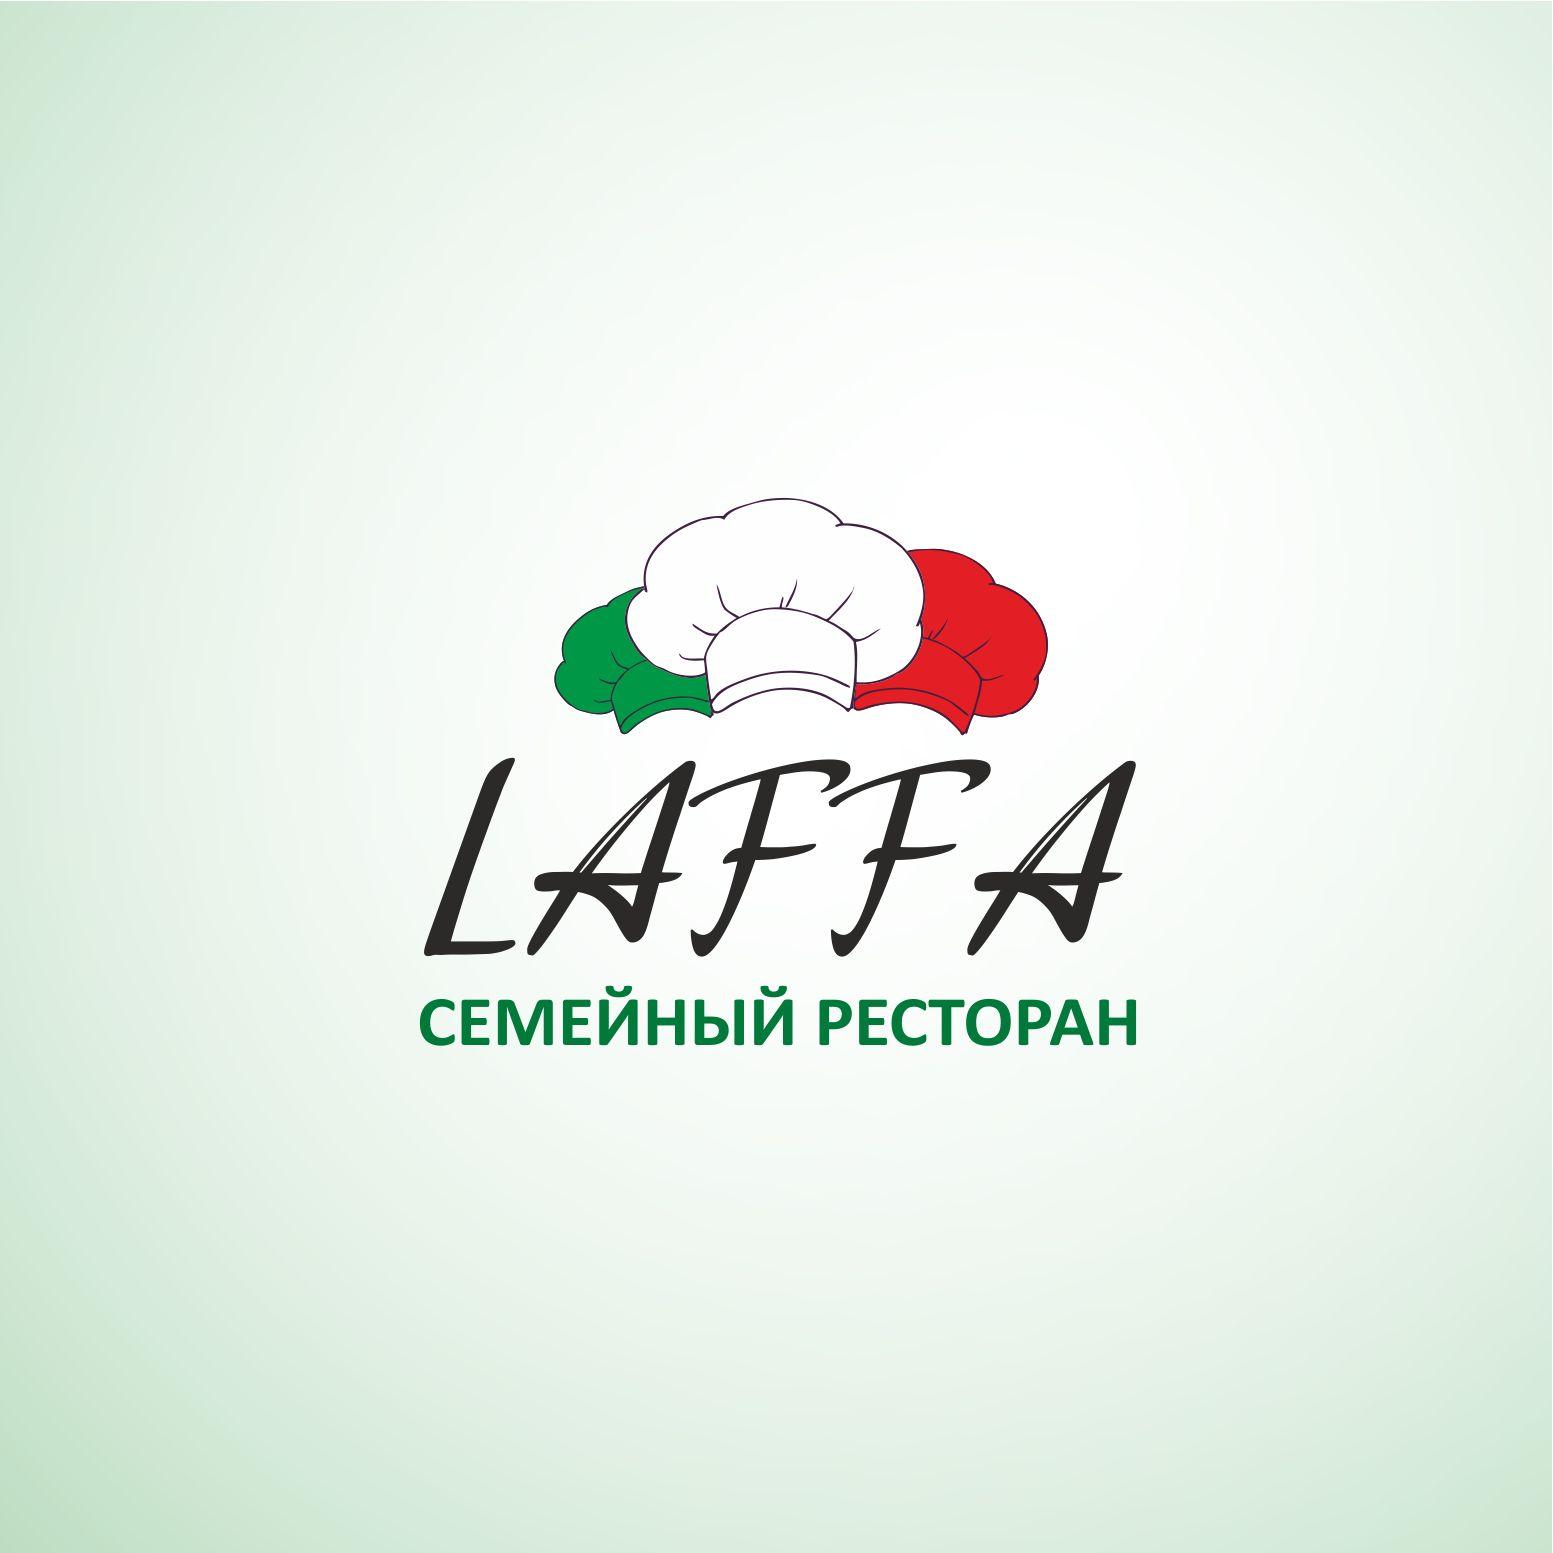 Нужно нарисовать логотип для семейного итальянского ресторан фото f_199554b6851d7d47.jpg